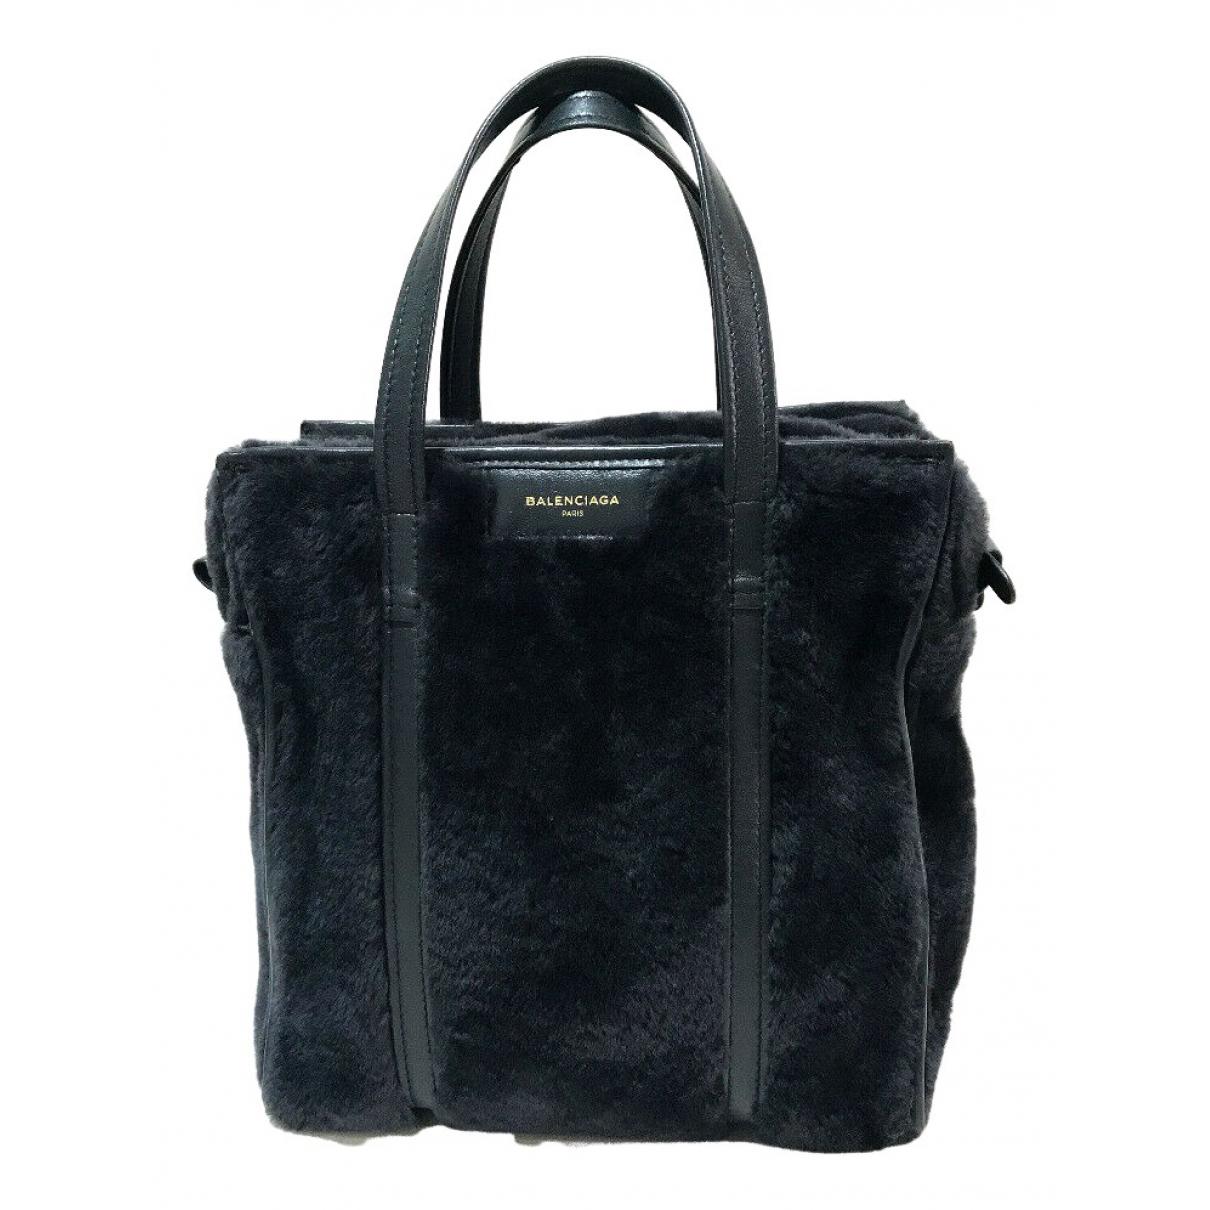 Balenciaga - Sac a main Bazar Bag pour femme en fourrure - noir